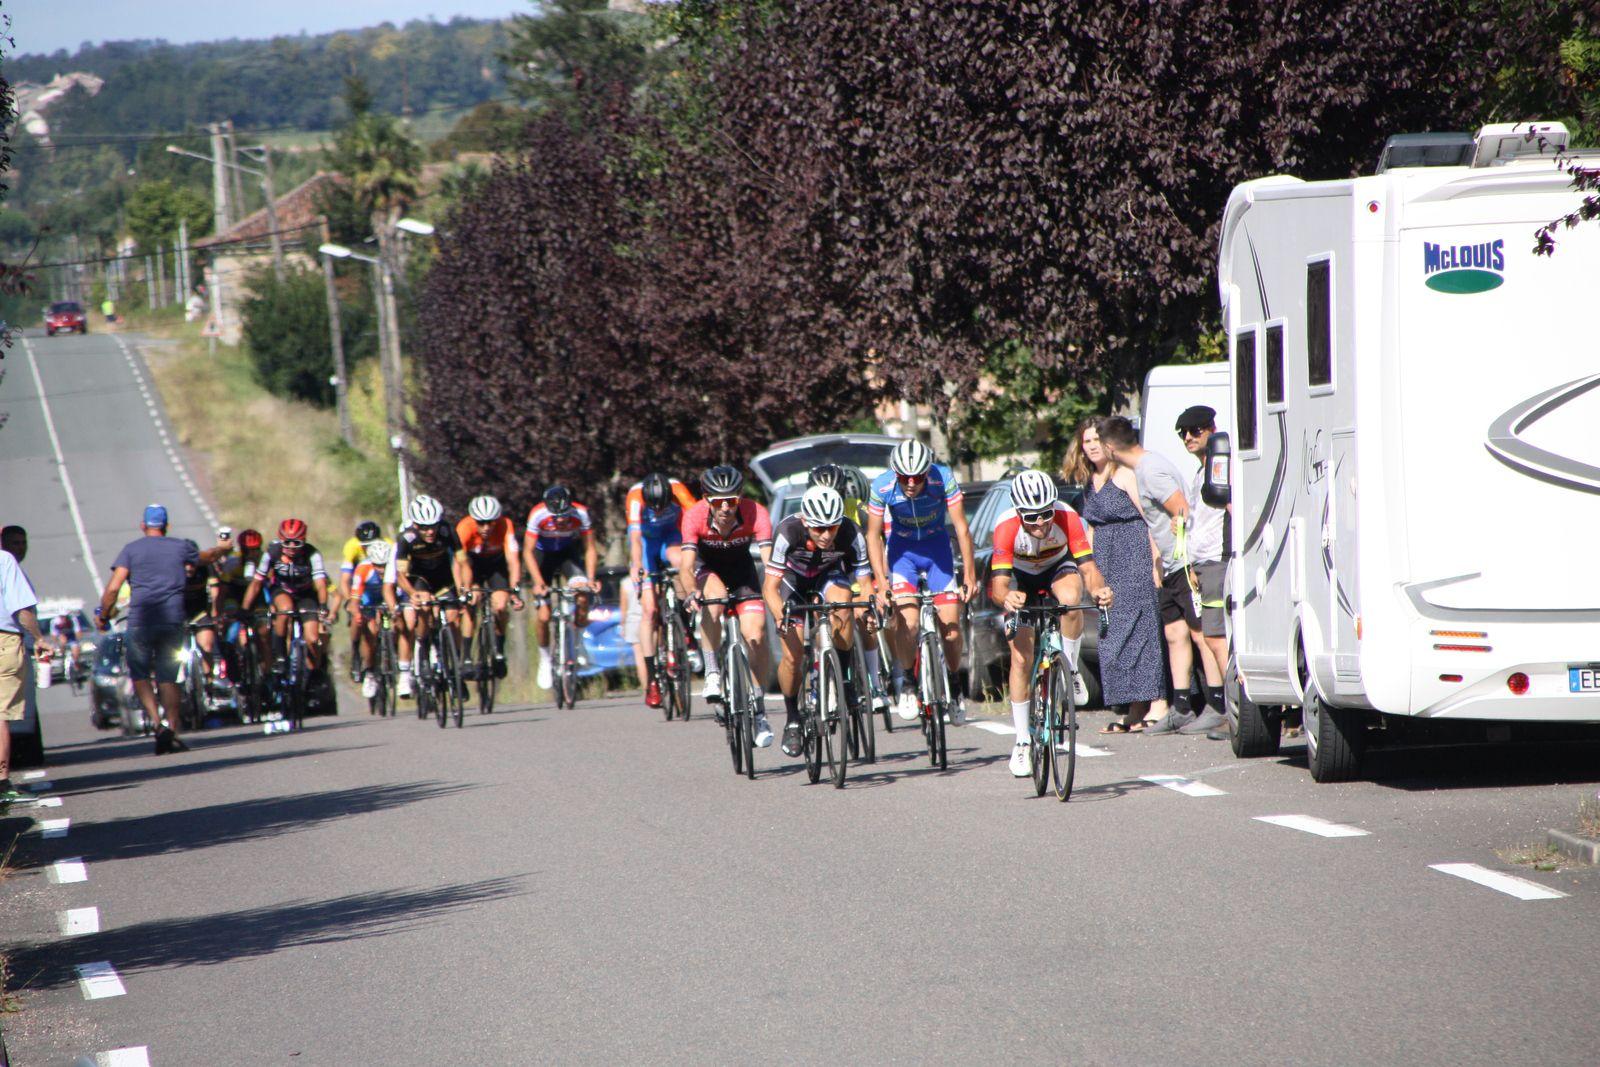 Fin  du  1er  tour  à  Pouillac, peloton  regroupé  emmené  par  Gaétan  GRACIANETTE